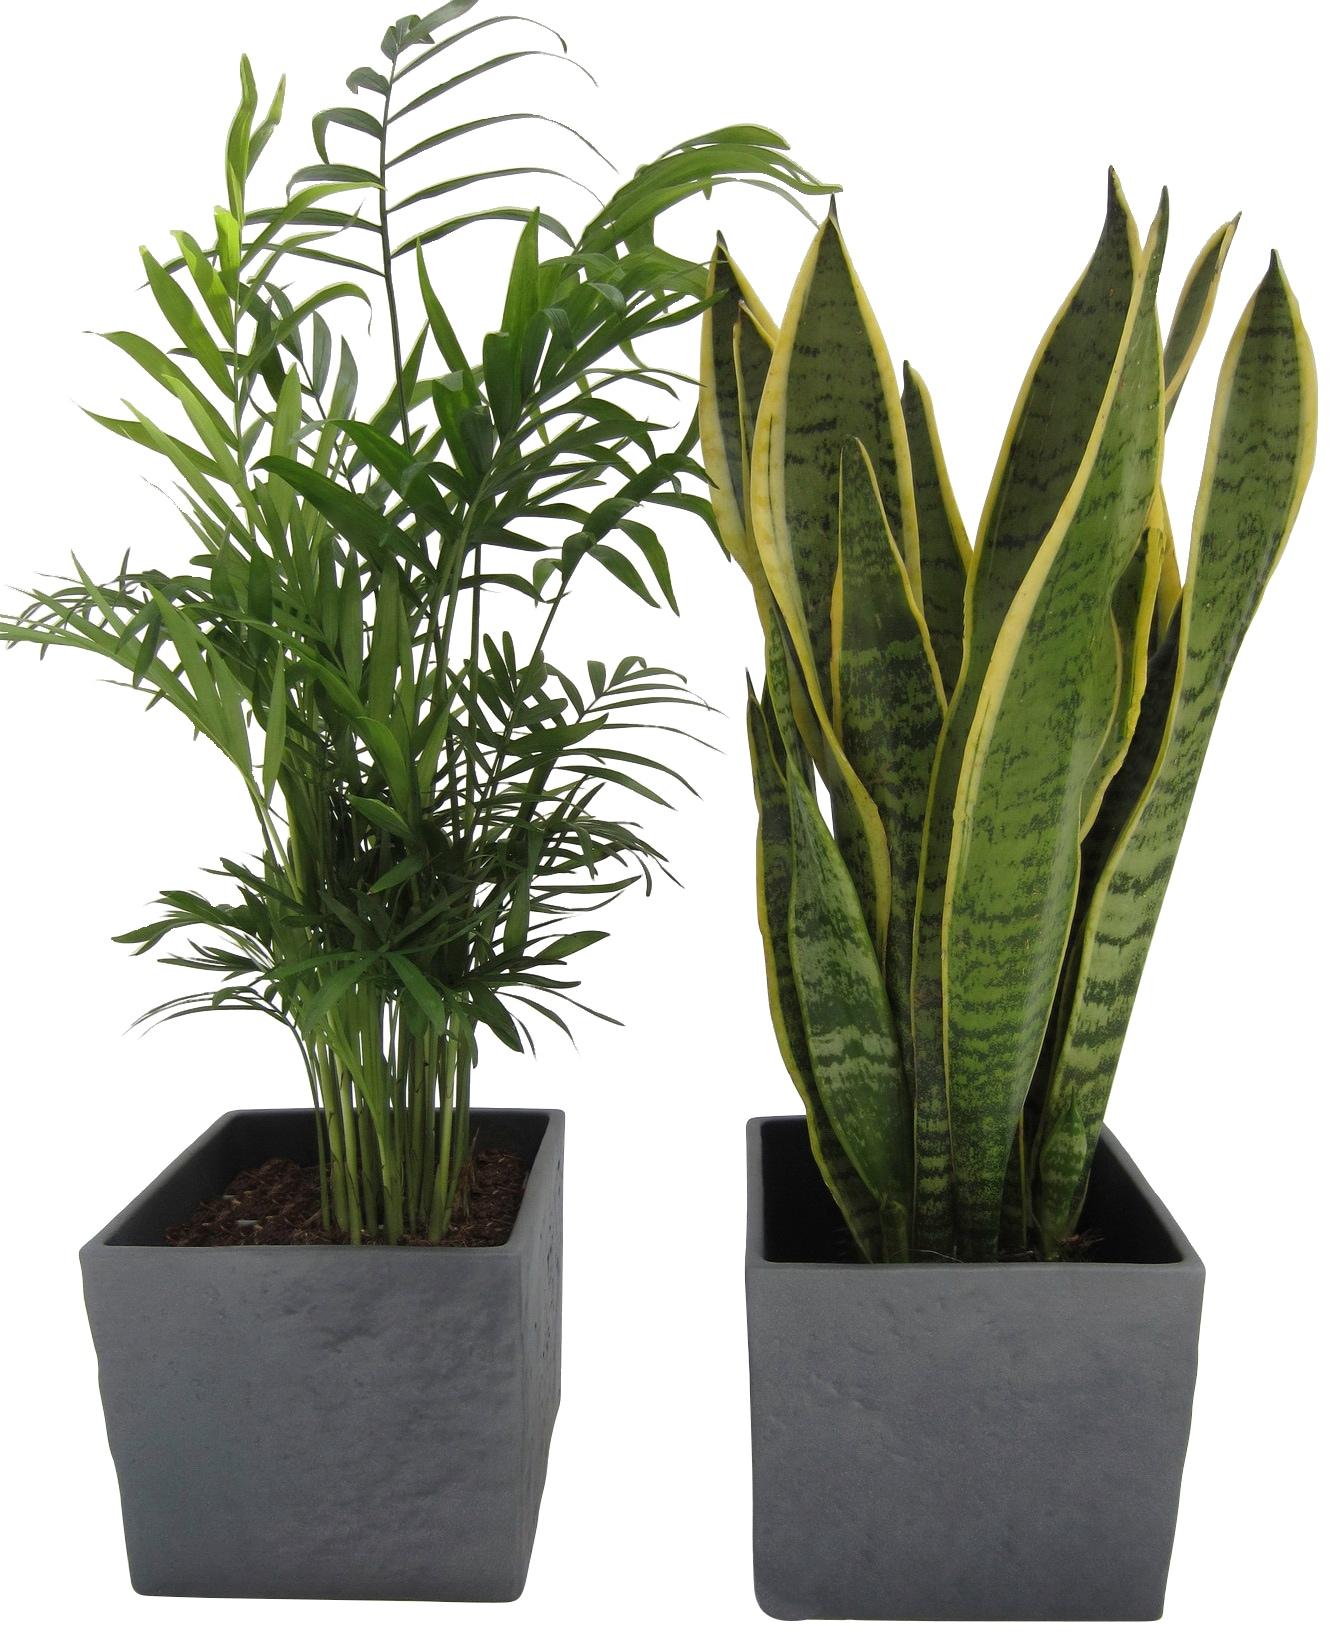 Dominik Zimmerpflanze Palmen-Set, Höhe: 30 cm, 2 Pflanzen in Dekotöpfen grün Zimmerpflanzen Garten Balkon